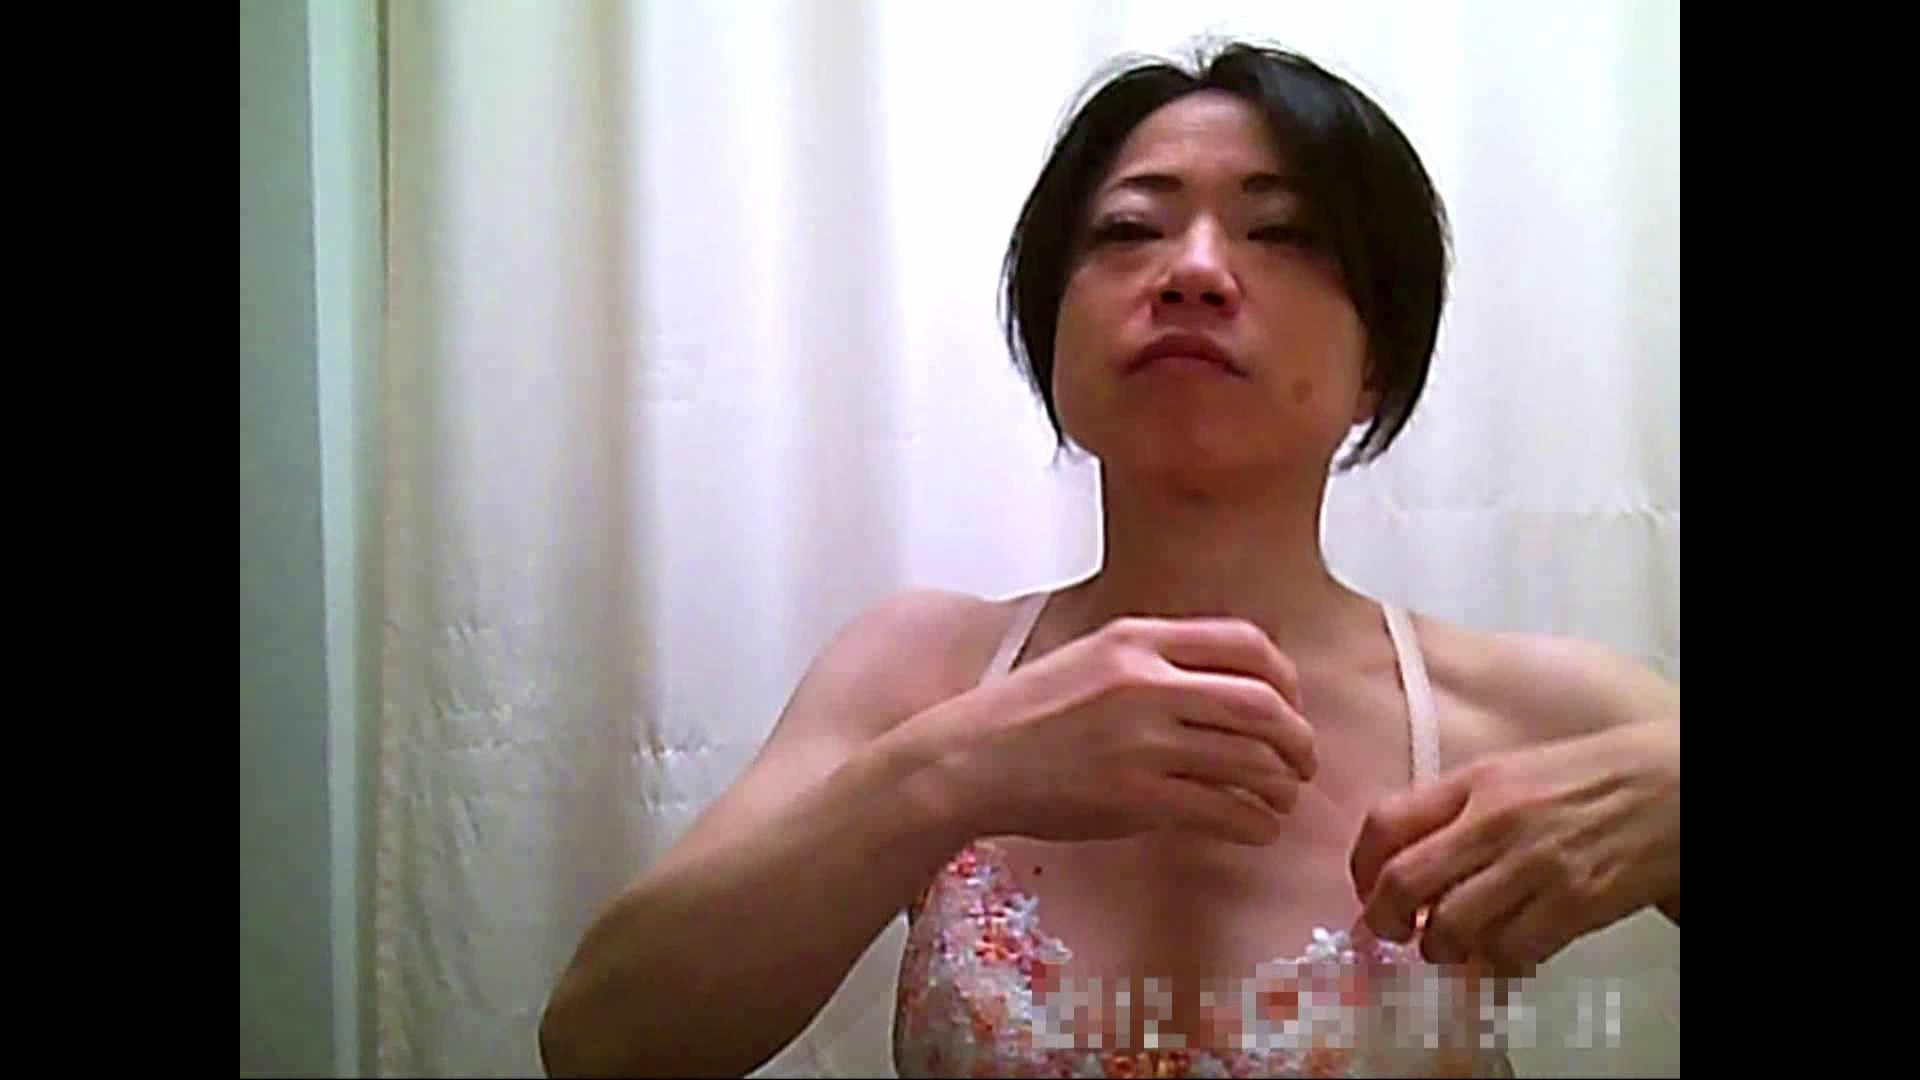 元医者による反抗 更衣室地獄絵巻 vol.117 OL  102pic 35